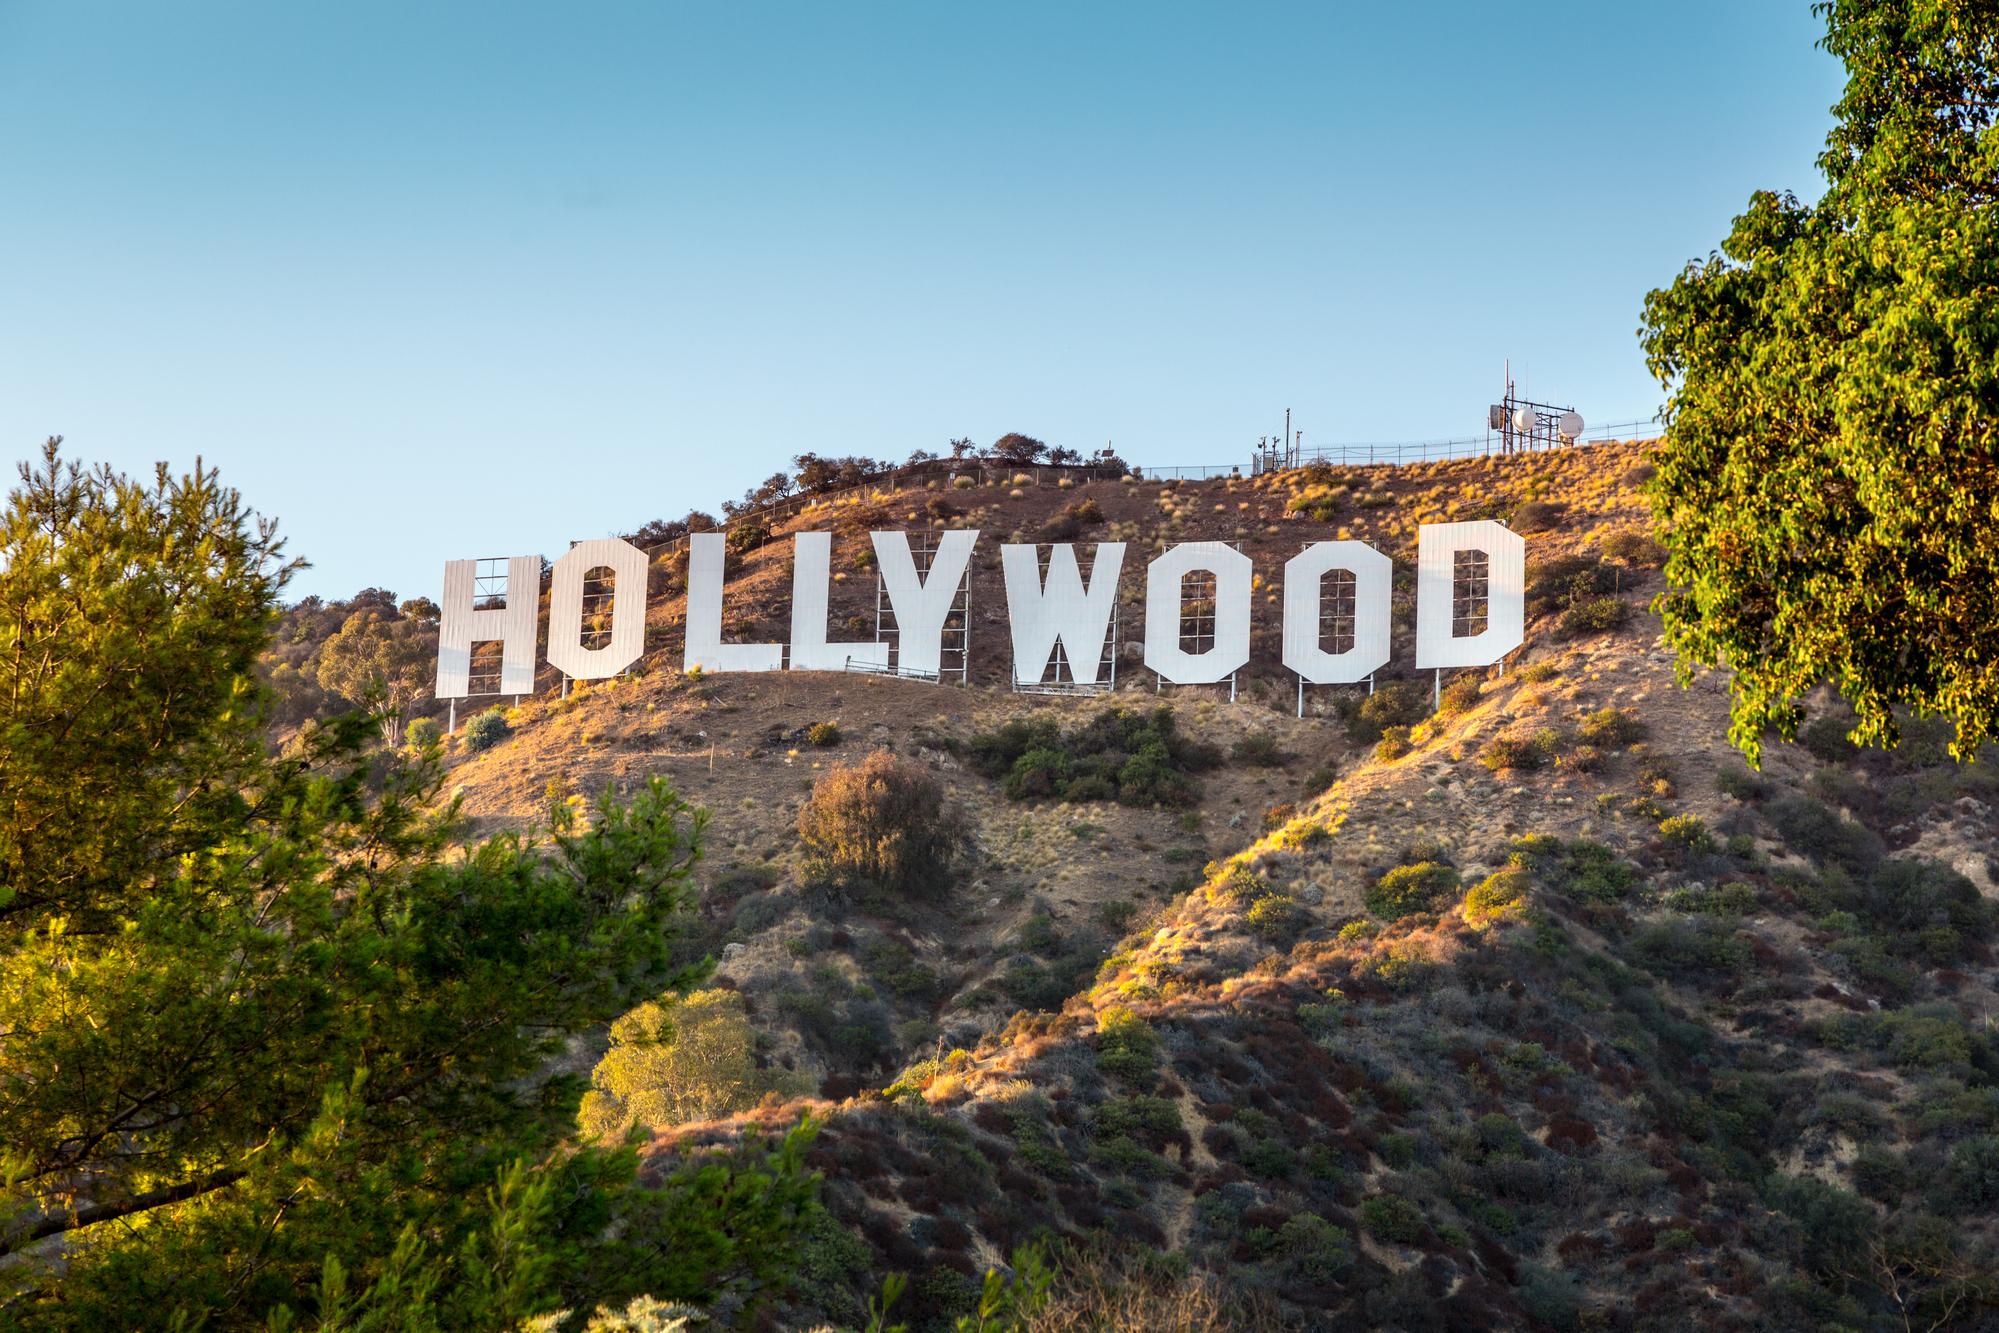 أفضل الوجهات السياحية لاصطحاب الأطفال في كاليفورنيا 2022